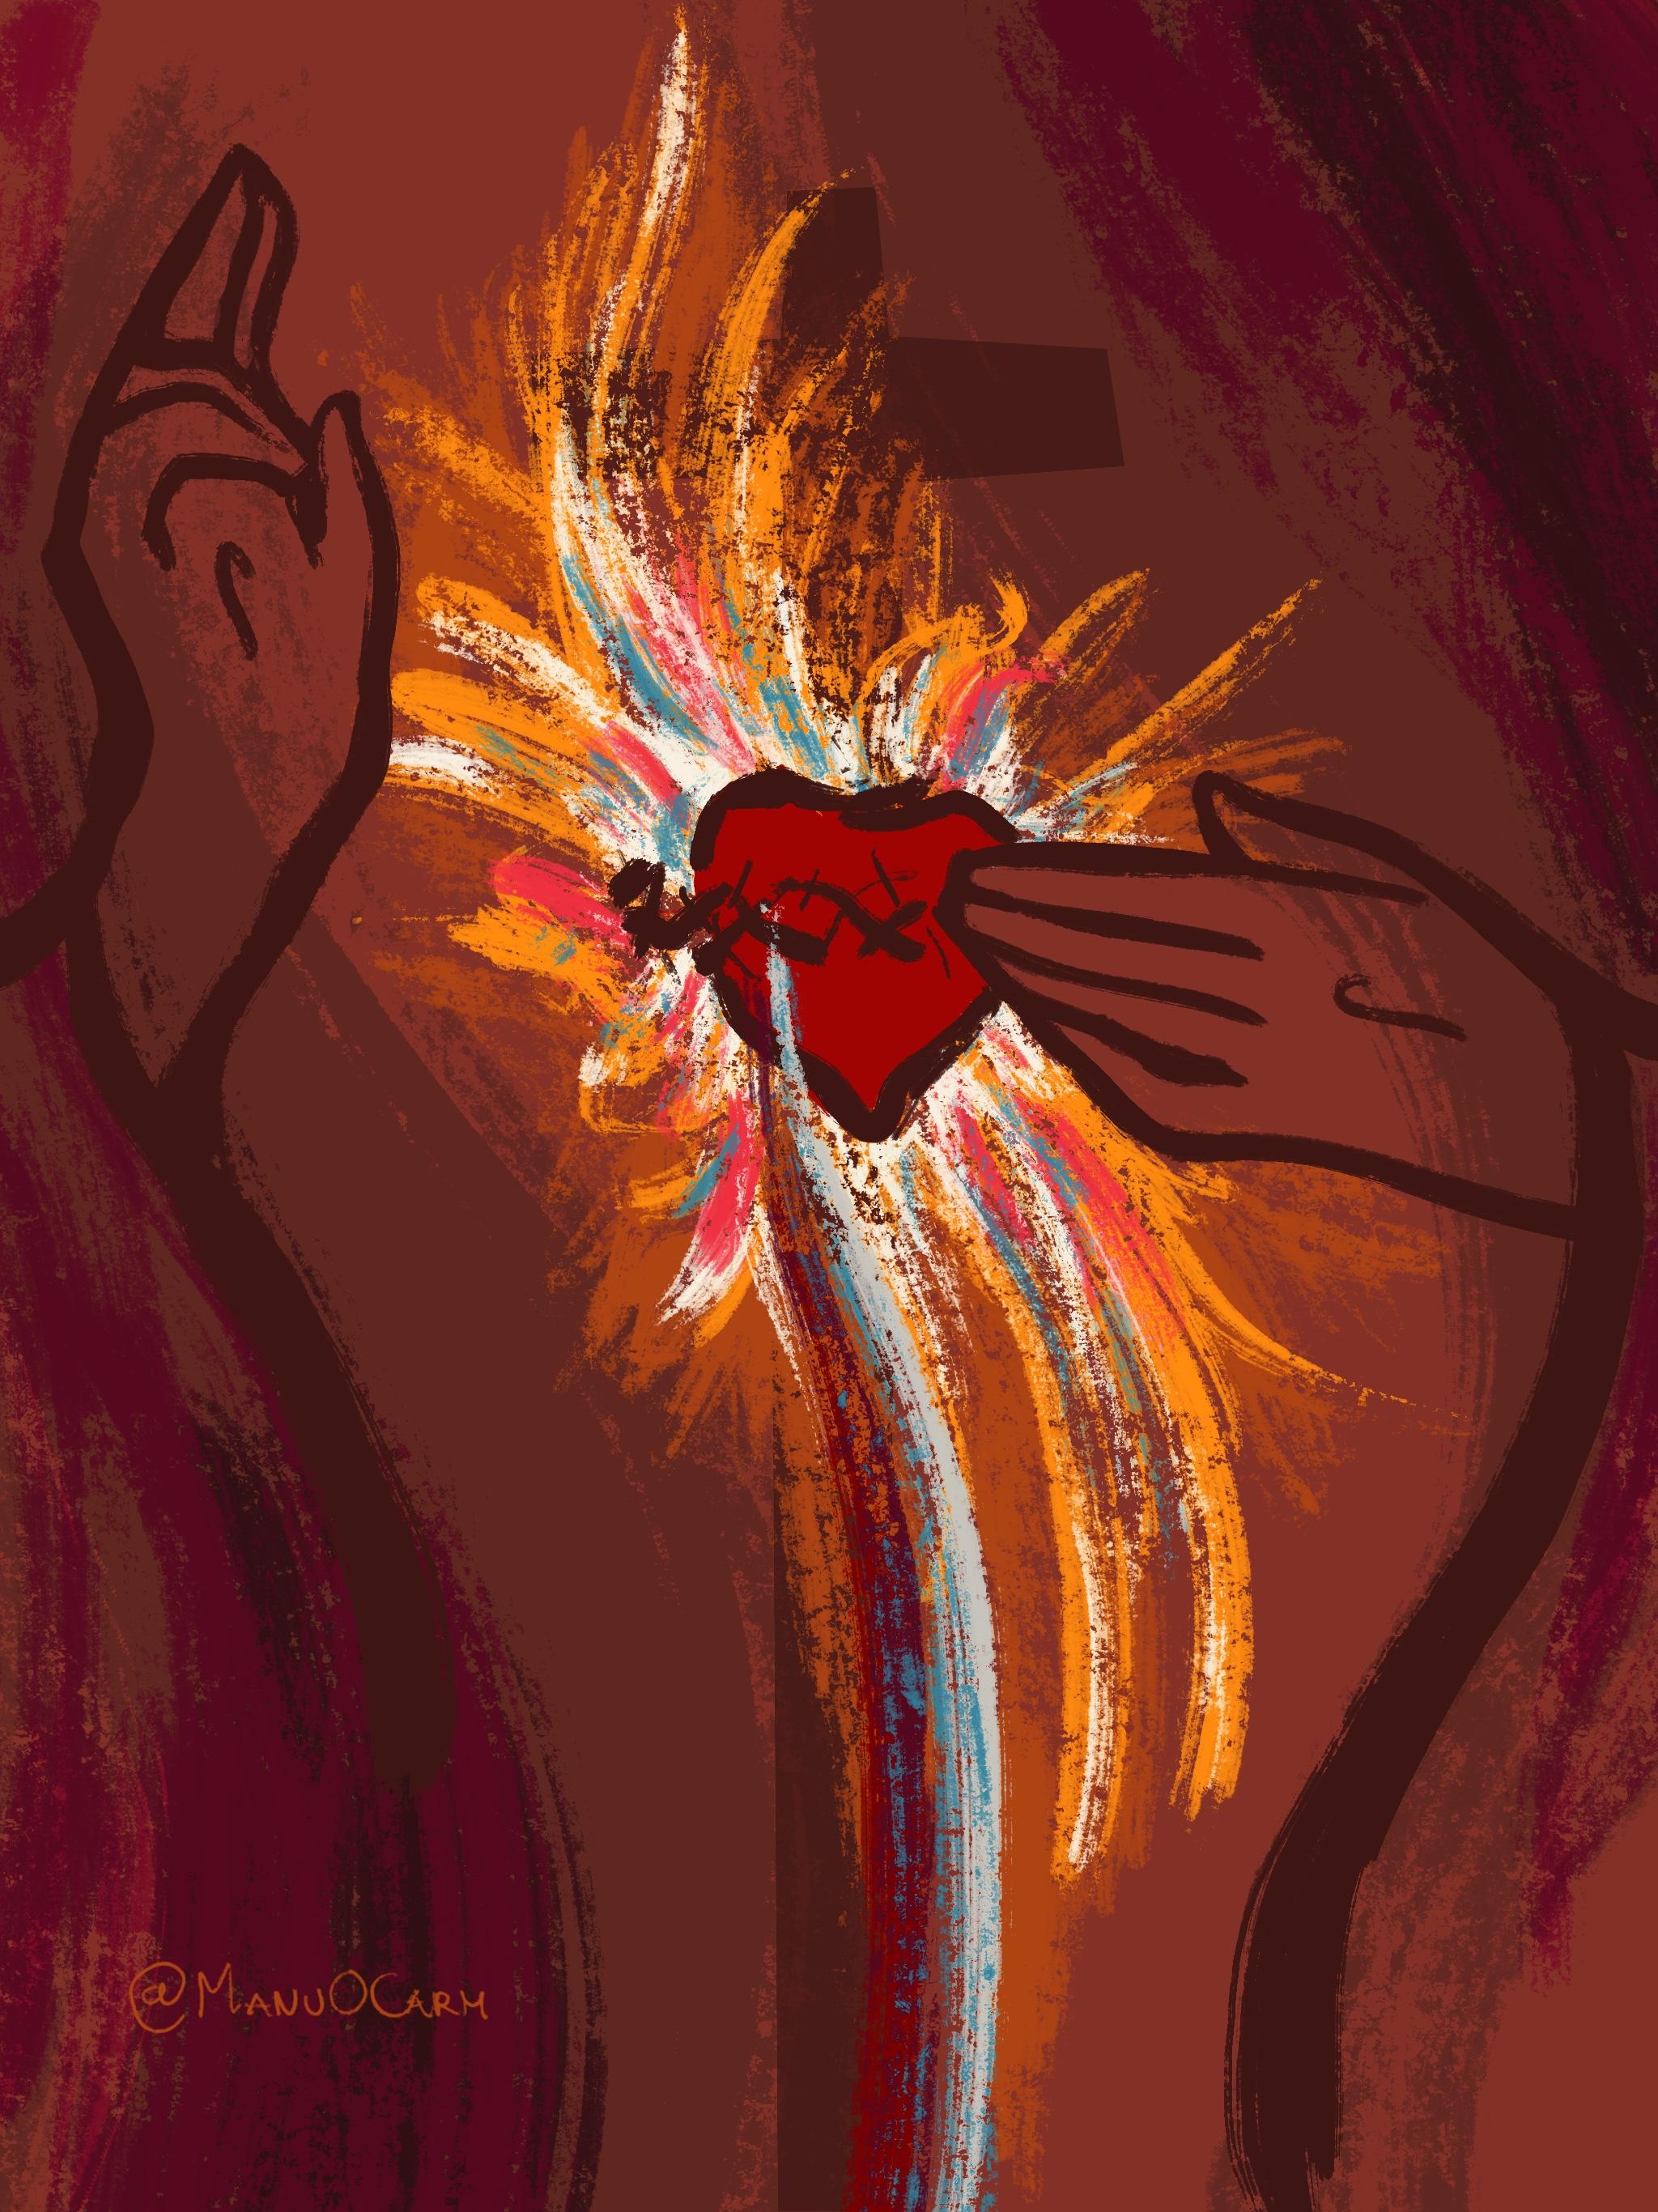 Sagrado_Corazón_de_Jesús_@ManuOCarm